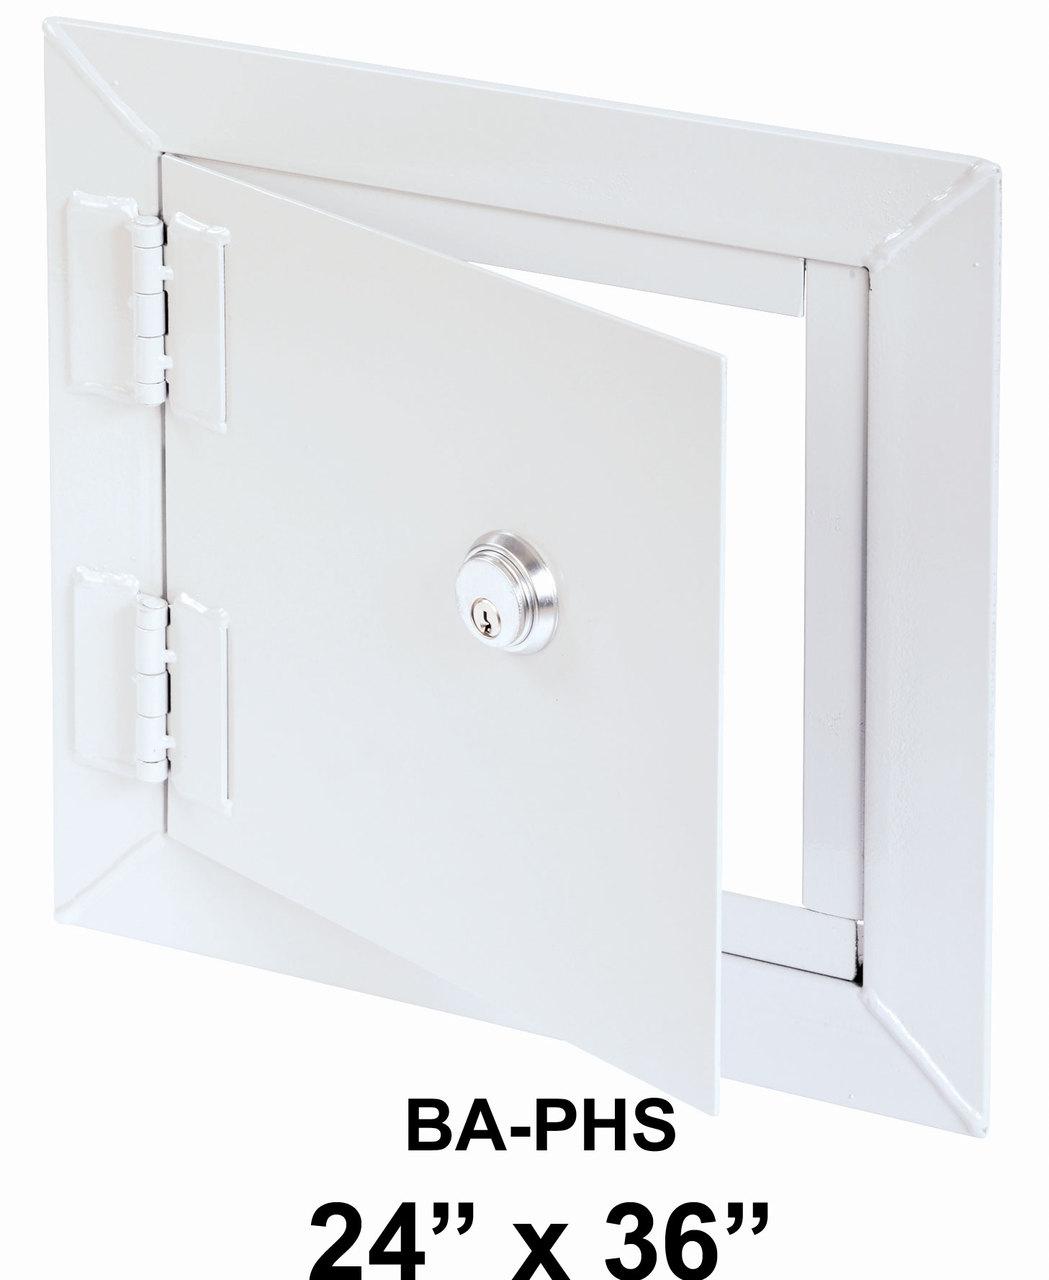 Best Access Doors BA-PHS 24